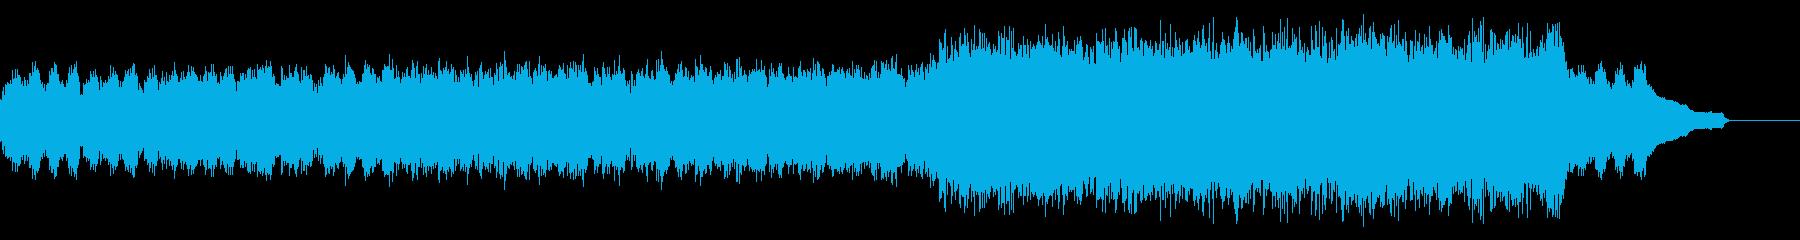 企業VP映像、119オーケストラ、爽快bの再生済みの波形